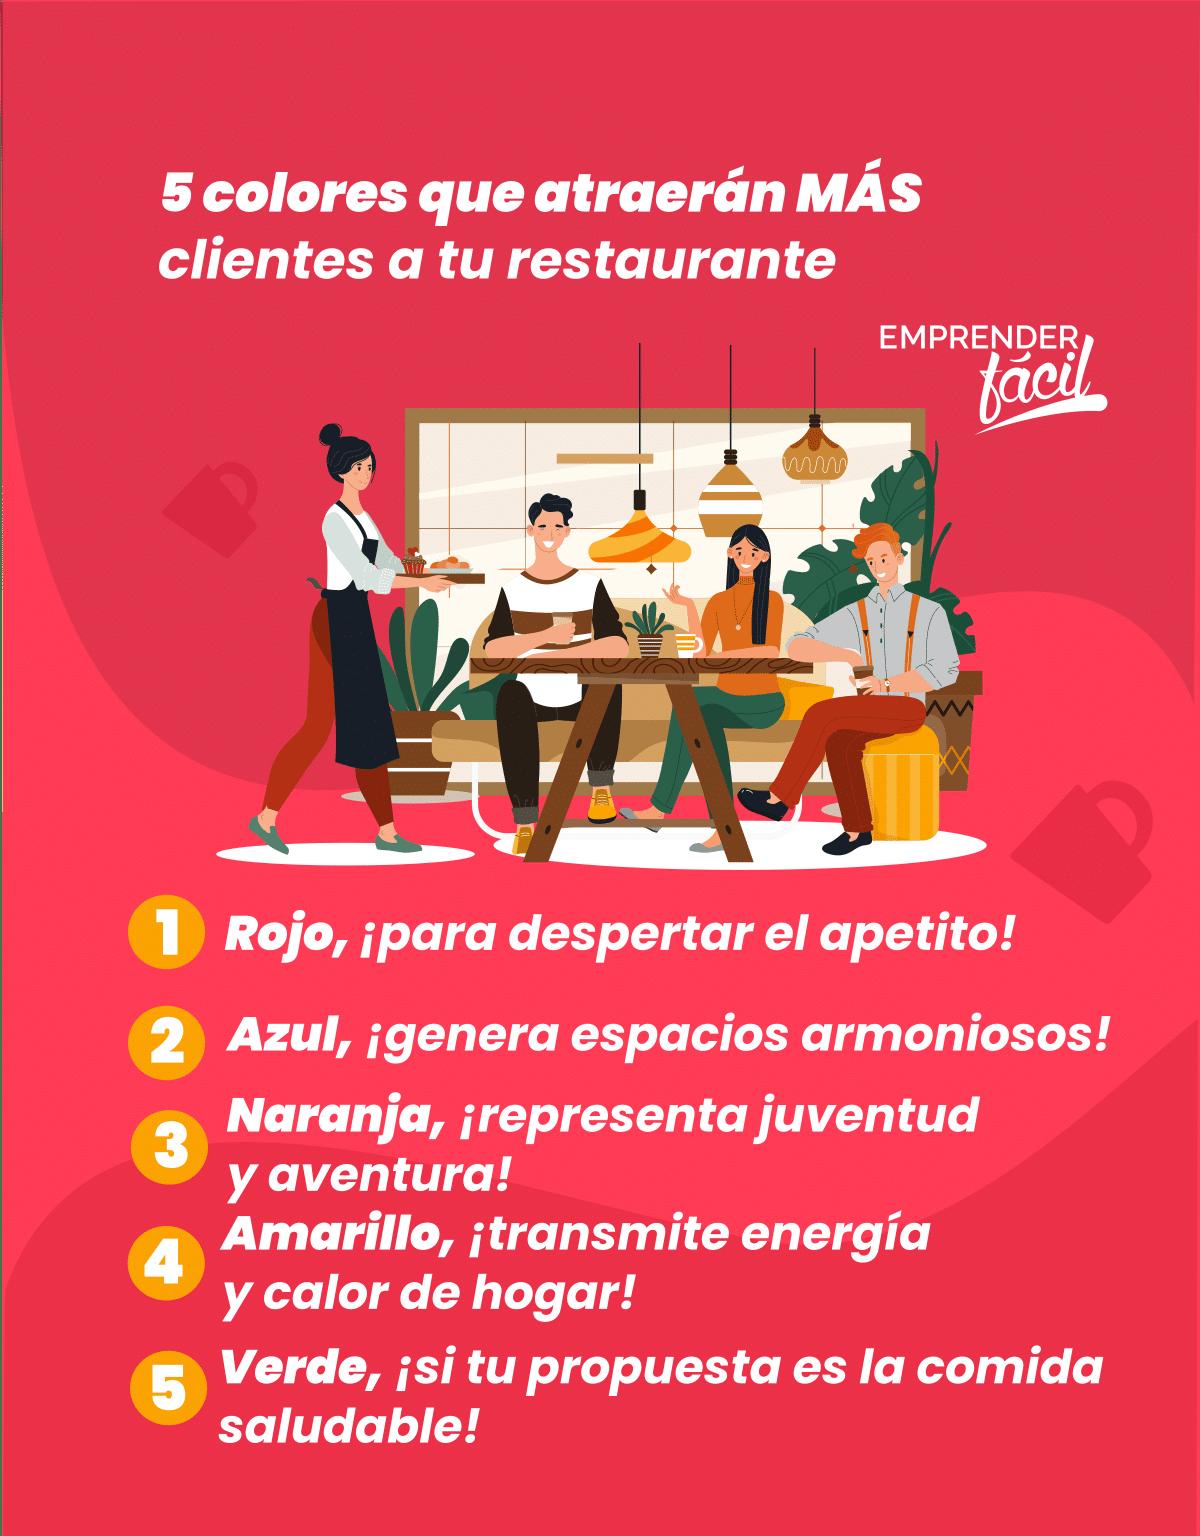 ¡Conoce los 5 colores que atraerán más clientes a tu restaurante!